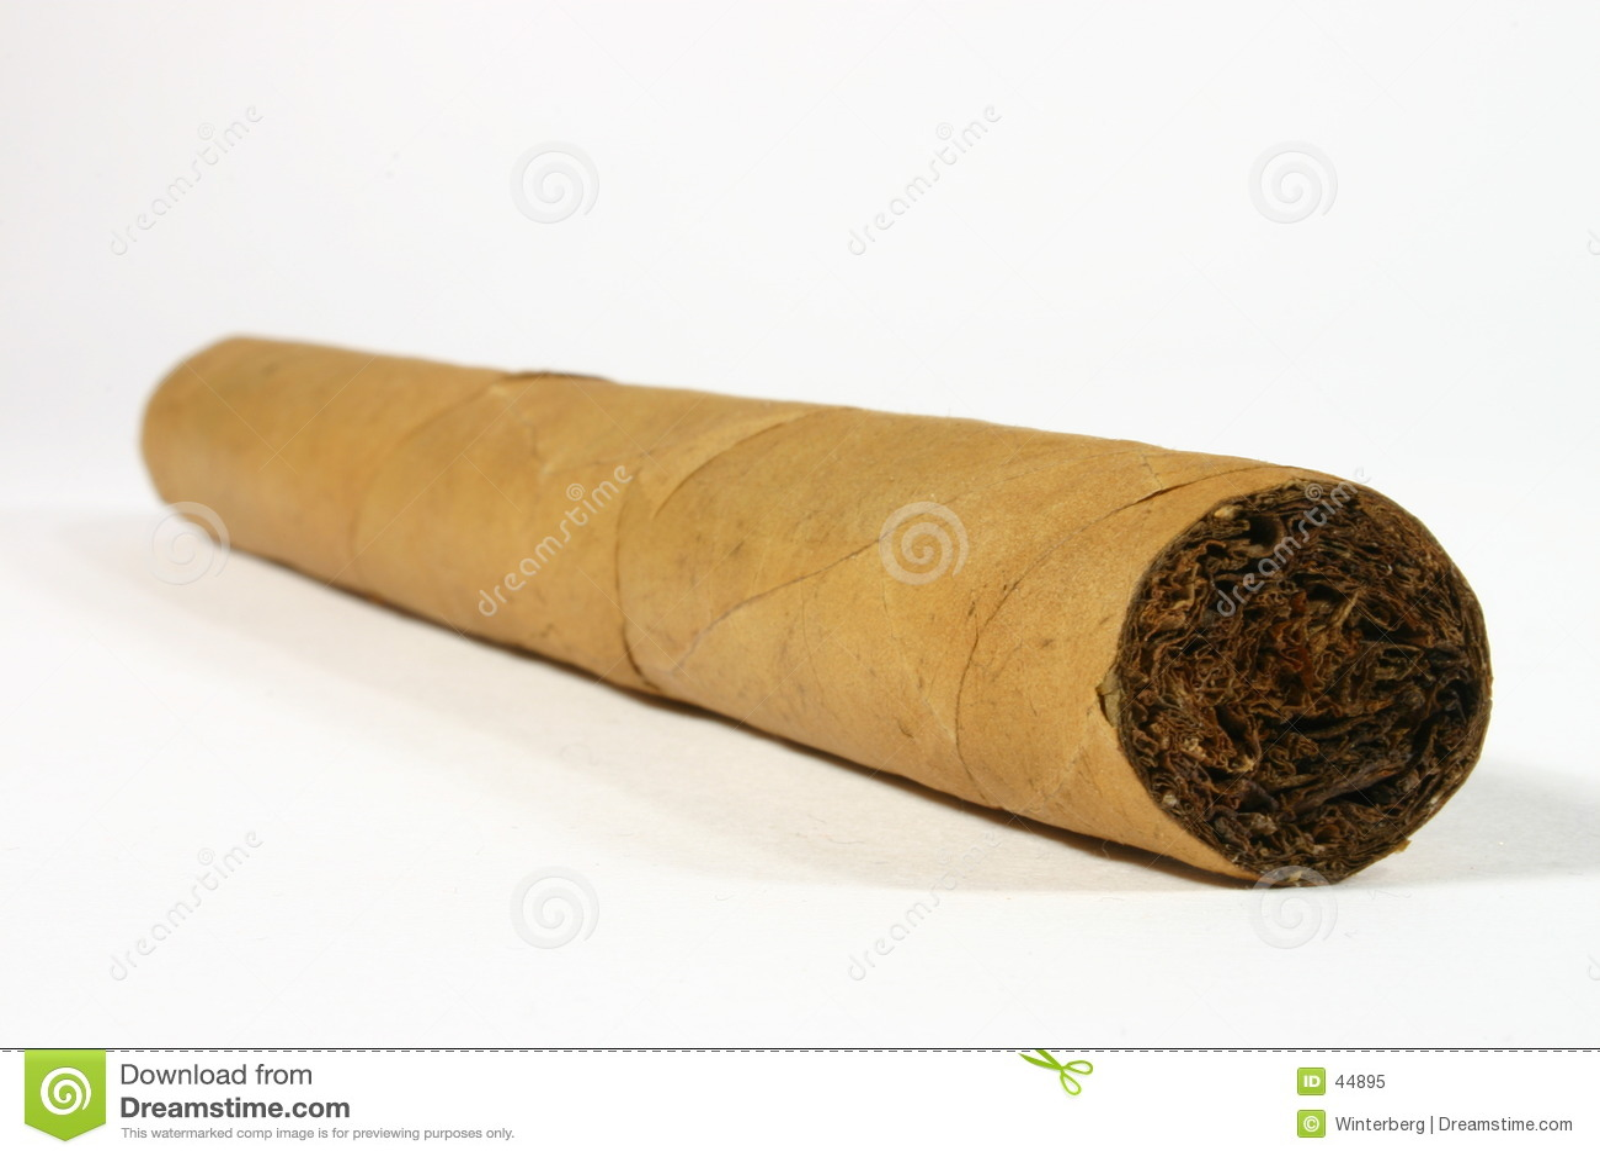 Download Cigarro imagen de archivo. Imagen de humo, burning, tabaco - 44895